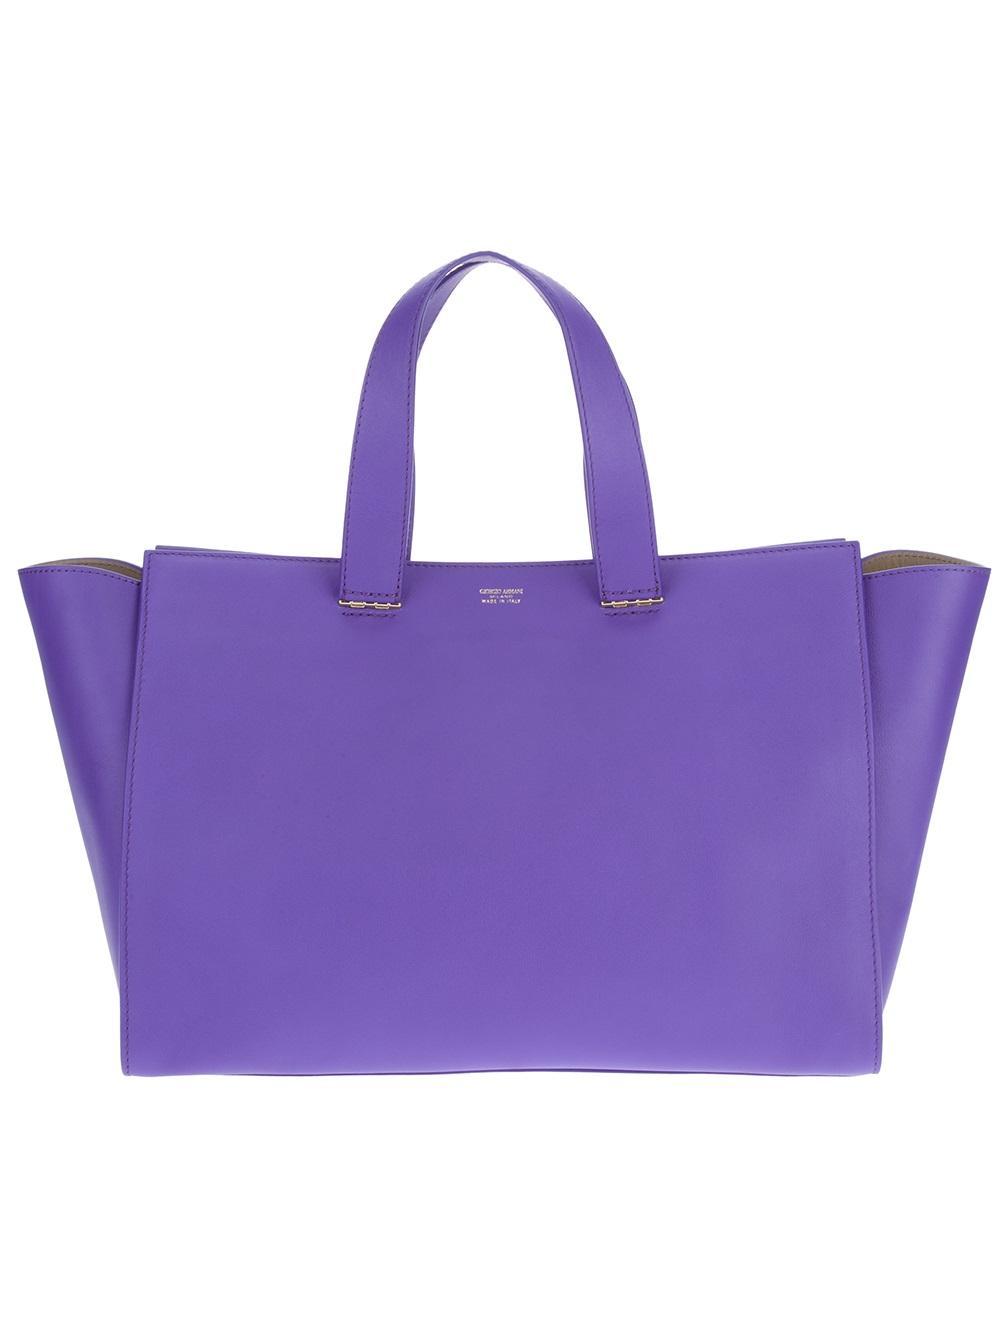 95bdfd369f Lyst - Giorgio Armani Shopper Tote in Purple